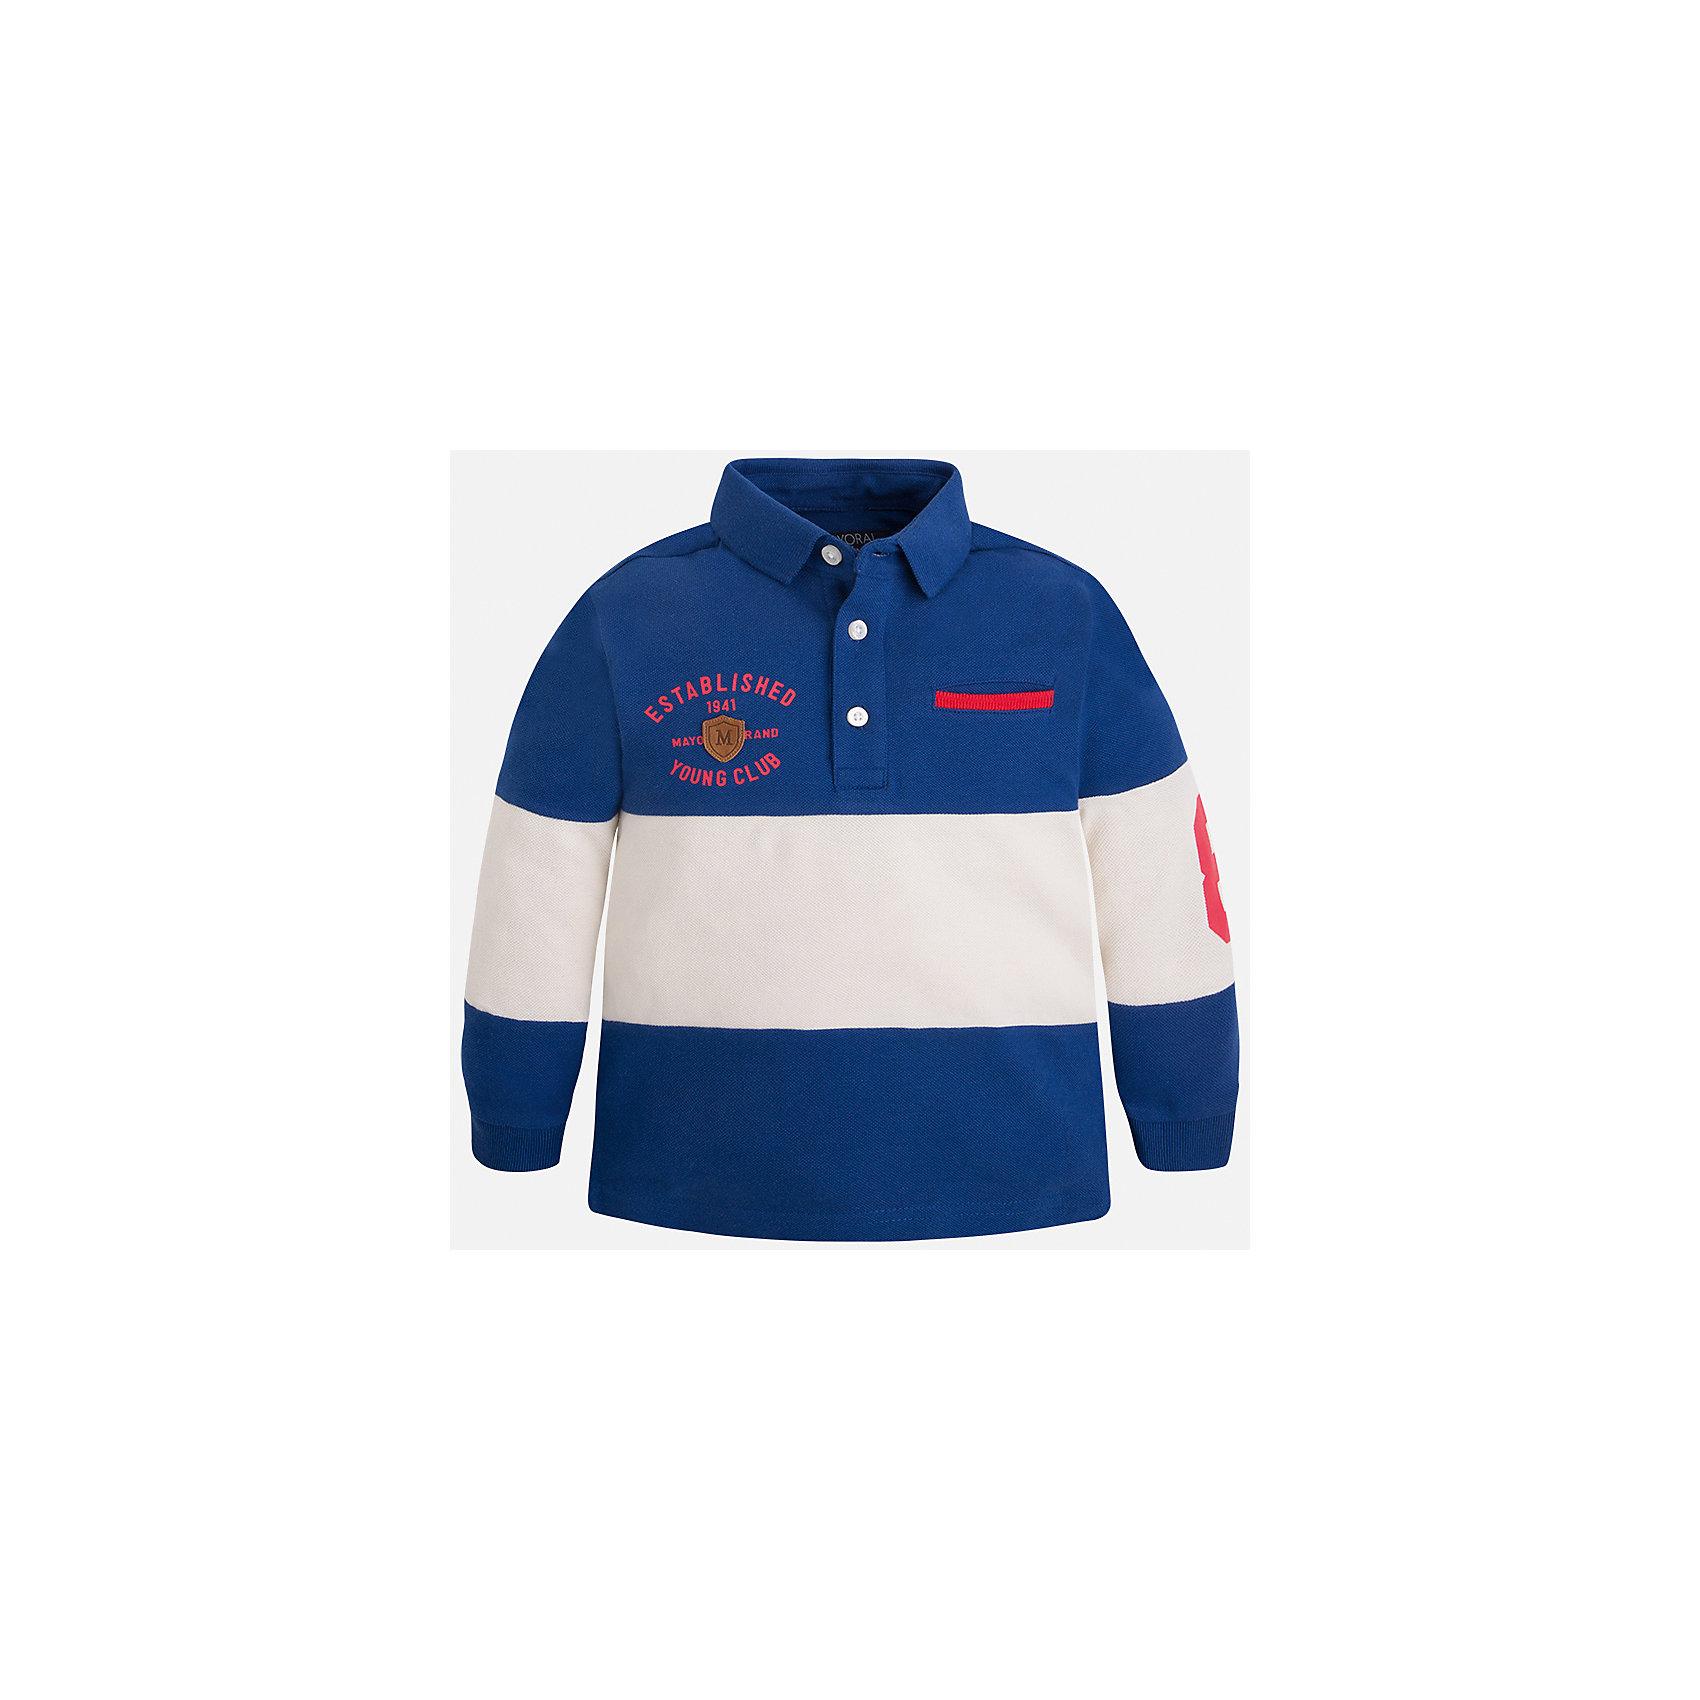 Рубашка-поло для мальчика MayoralХарактеристики товара:<br><br>• цвет: синий/молочный<br>• состав: 100% хлопок<br>• отложной воротник<br>• длинные рукава<br>• застежка: пуговицы<br>• вышивка на груди<br>• страна бренда: Испания<br><br>Удобная модная рубашка-поло для мальчика может стать базовой вещью в гардеробе ребенка. Она отлично сочетается с брюками, шортами, джинсами и т.д. Универсальный крой и цвет позволяет подобрать к вещи низ разных расцветок. Практичное и стильное изделие! В составе материала - только натуральный хлопок, гипоаллергенный, приятный на ощупь, дышащий.<br><br>Одежда, обувь и аксессуары от испанского бренда Mayoral полюбились детям и взрослым по всему миру. Модели этой марки - стильные и удобные. Для их производства используются только безопасные, качественные материалы и фурнитура. Порадуйте ребенка модными и красивыми вещами от Mayoral! <br><br>Рубашку-поло для мальчика от испанского бренда Mayoral (Майорал) можно купить в нашем интернет-магазине.<br><br>Ширина мм: 230<br>Глубина мм: 40<br>Высота мм: 220<br>Вес г: 250<br>Цвет: серый<br>Возраст от месяцев: 18<br>Возраст до месяцев: 24<br>Пол: Мужской<br>Возраст: Детский<br>Размер: 92,110,122,134,128,116,104,98<br>SKU: 5272207